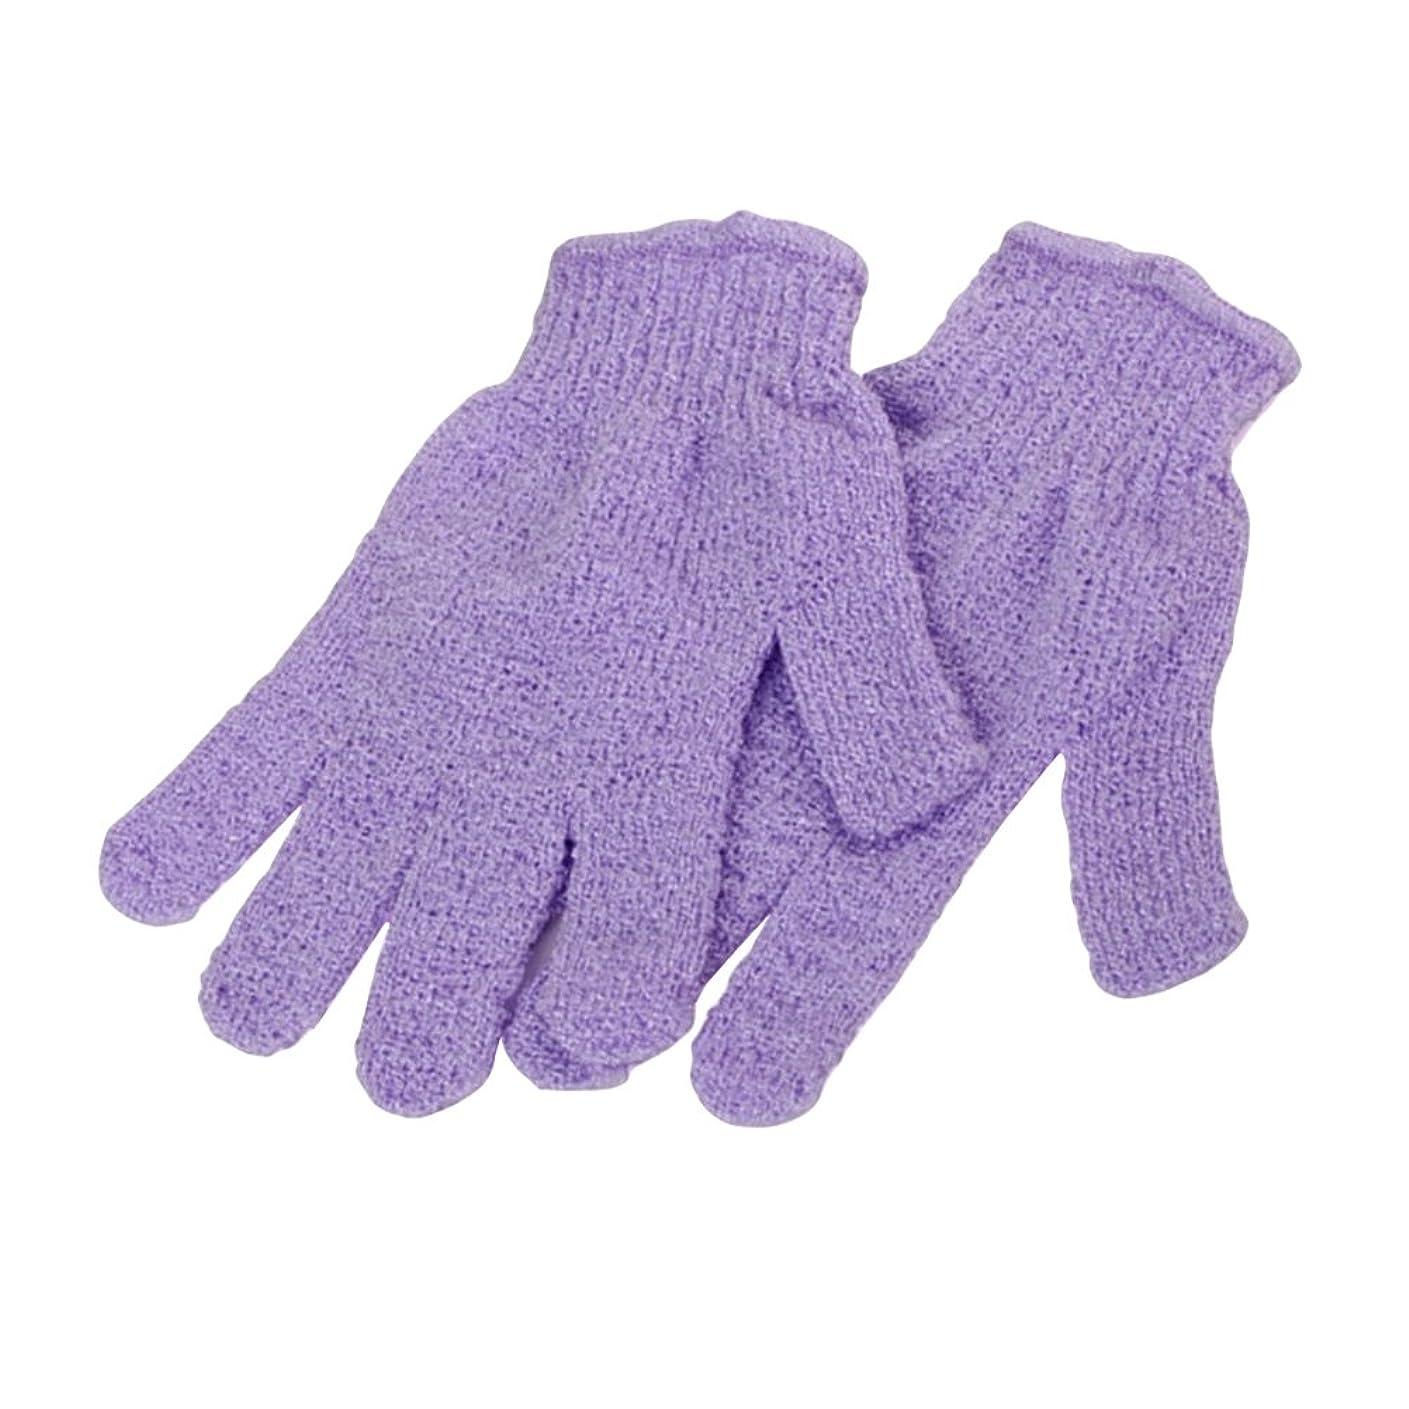 さまよう送信するリフレッシュSUPVOX 2対のシャワー用手袋浴体剥離手袋(ランダムカラー)